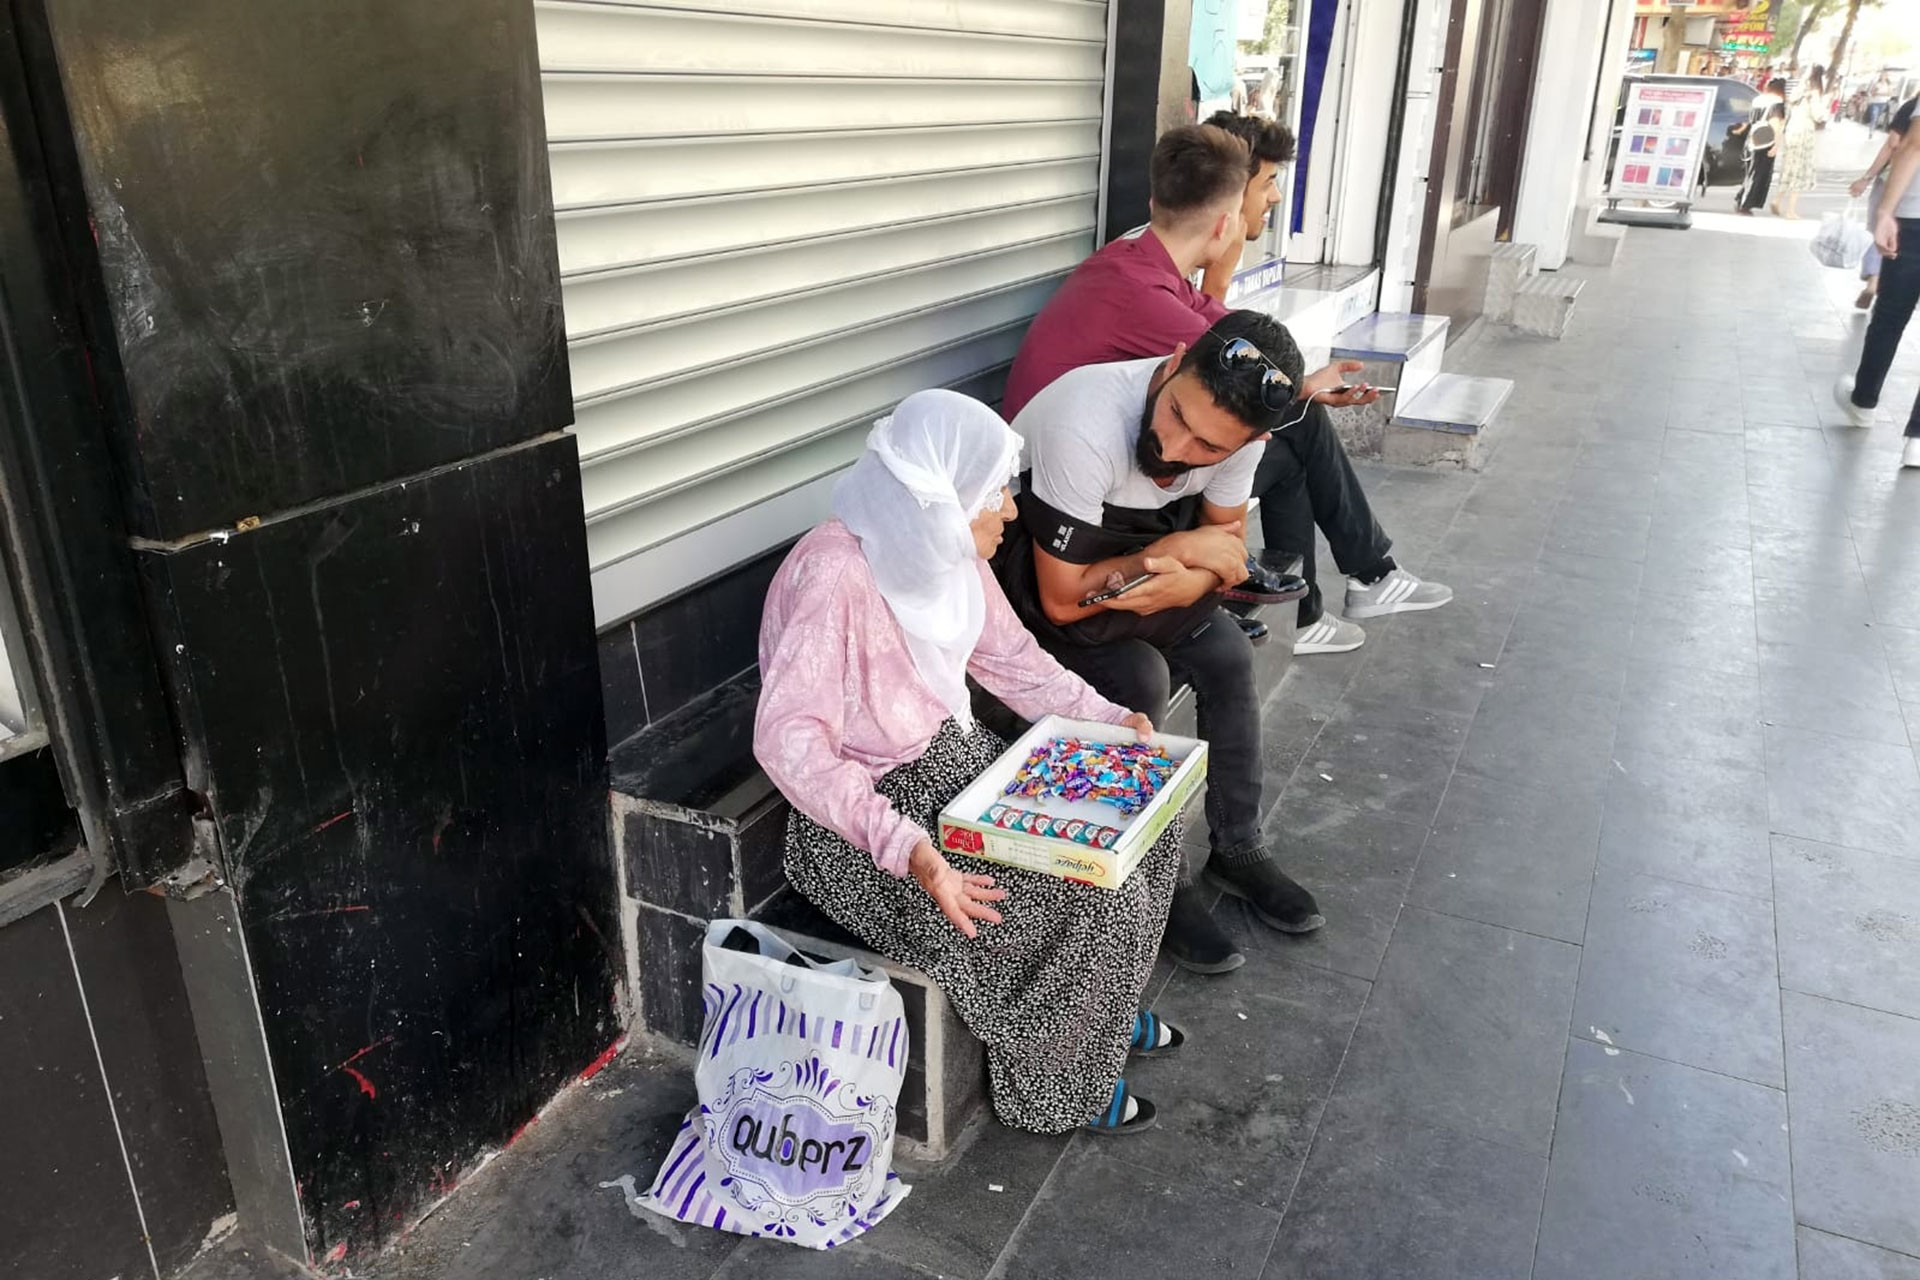 Diyarbakır'da sakız satarak geçinmeye çalışan Fatma Nine yoğun bakımda